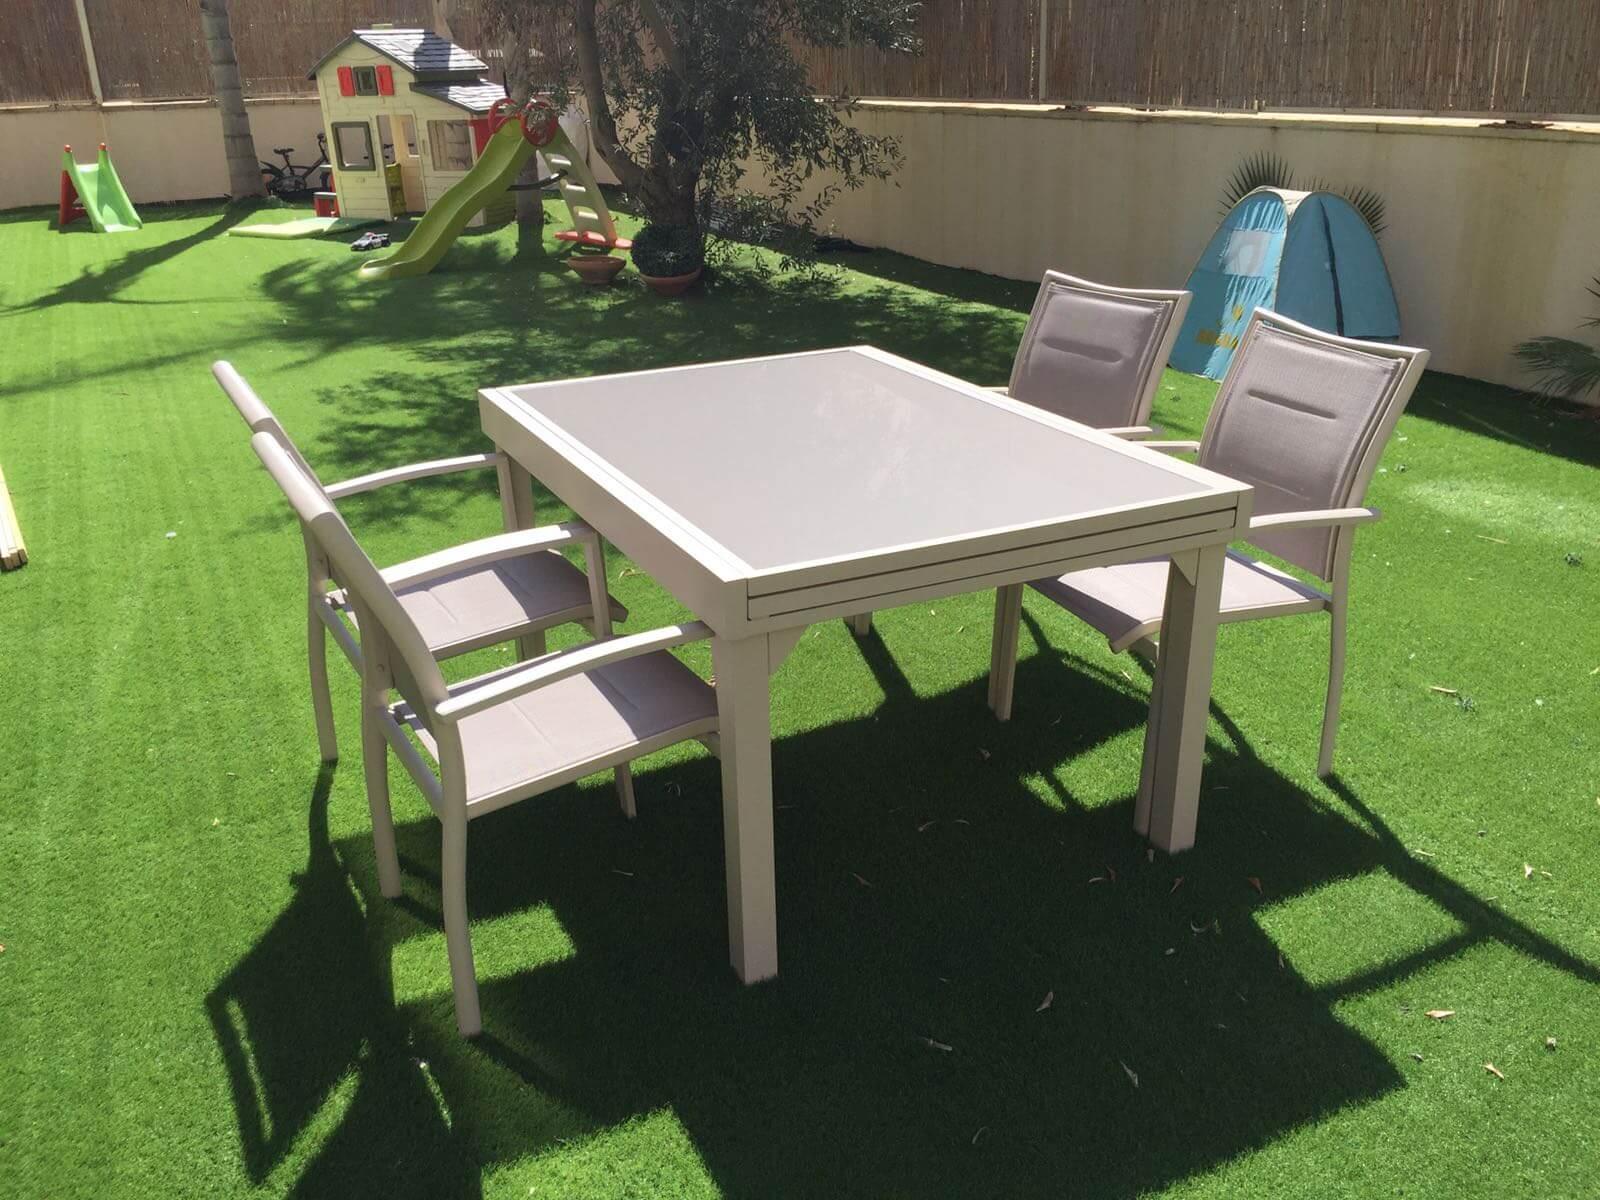 שולחן אלומיניום נפתח 100x135/270 צבע בז' + 4 כסאות מרופדים